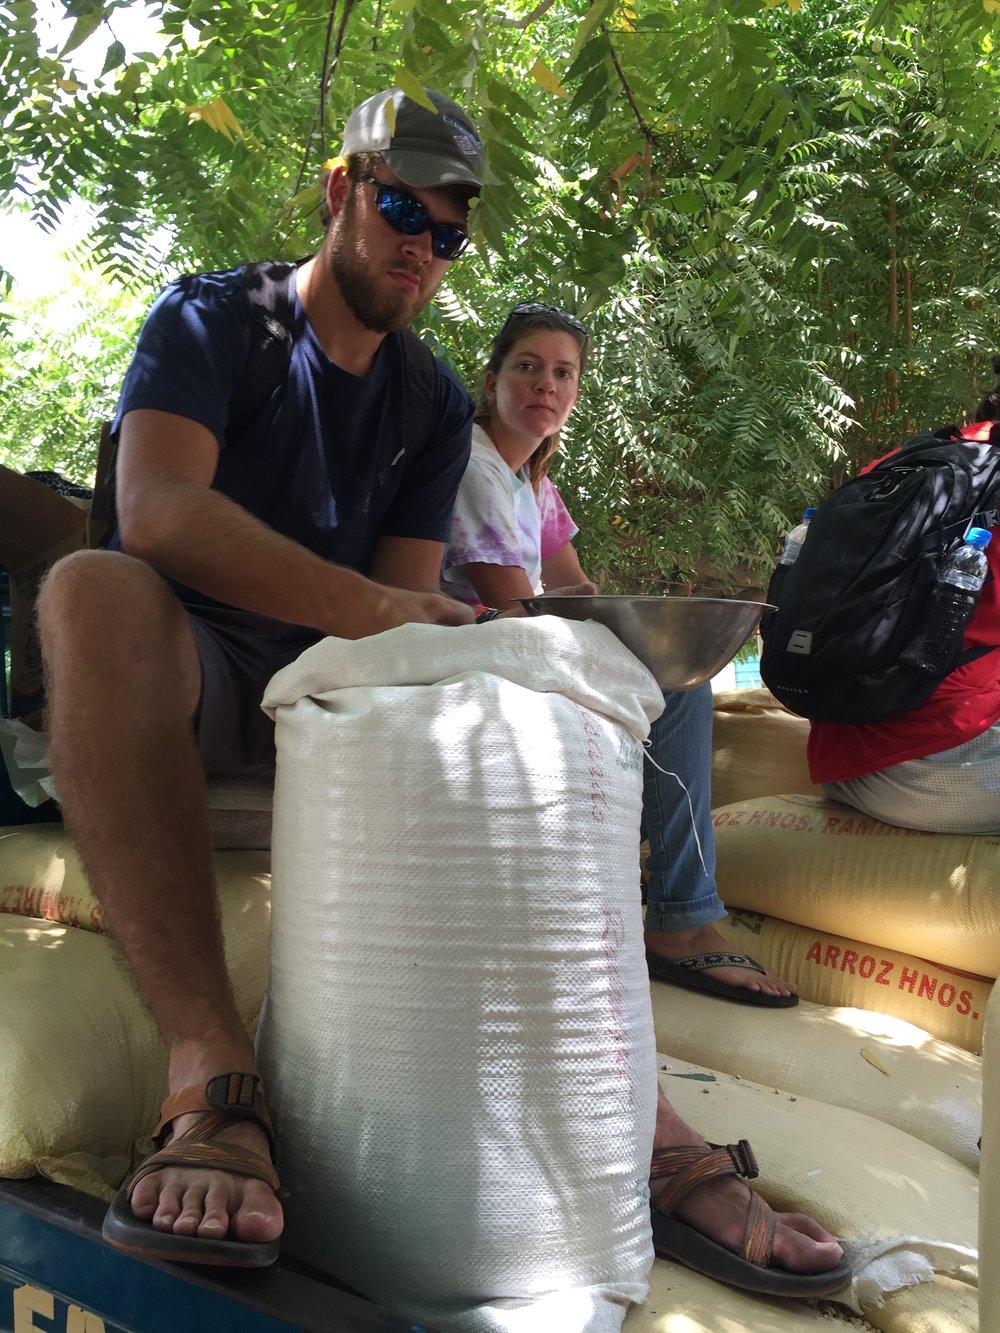 The Dominican Republic - Hayden Sistrunk preparing feed sack in the Dominican Republic.